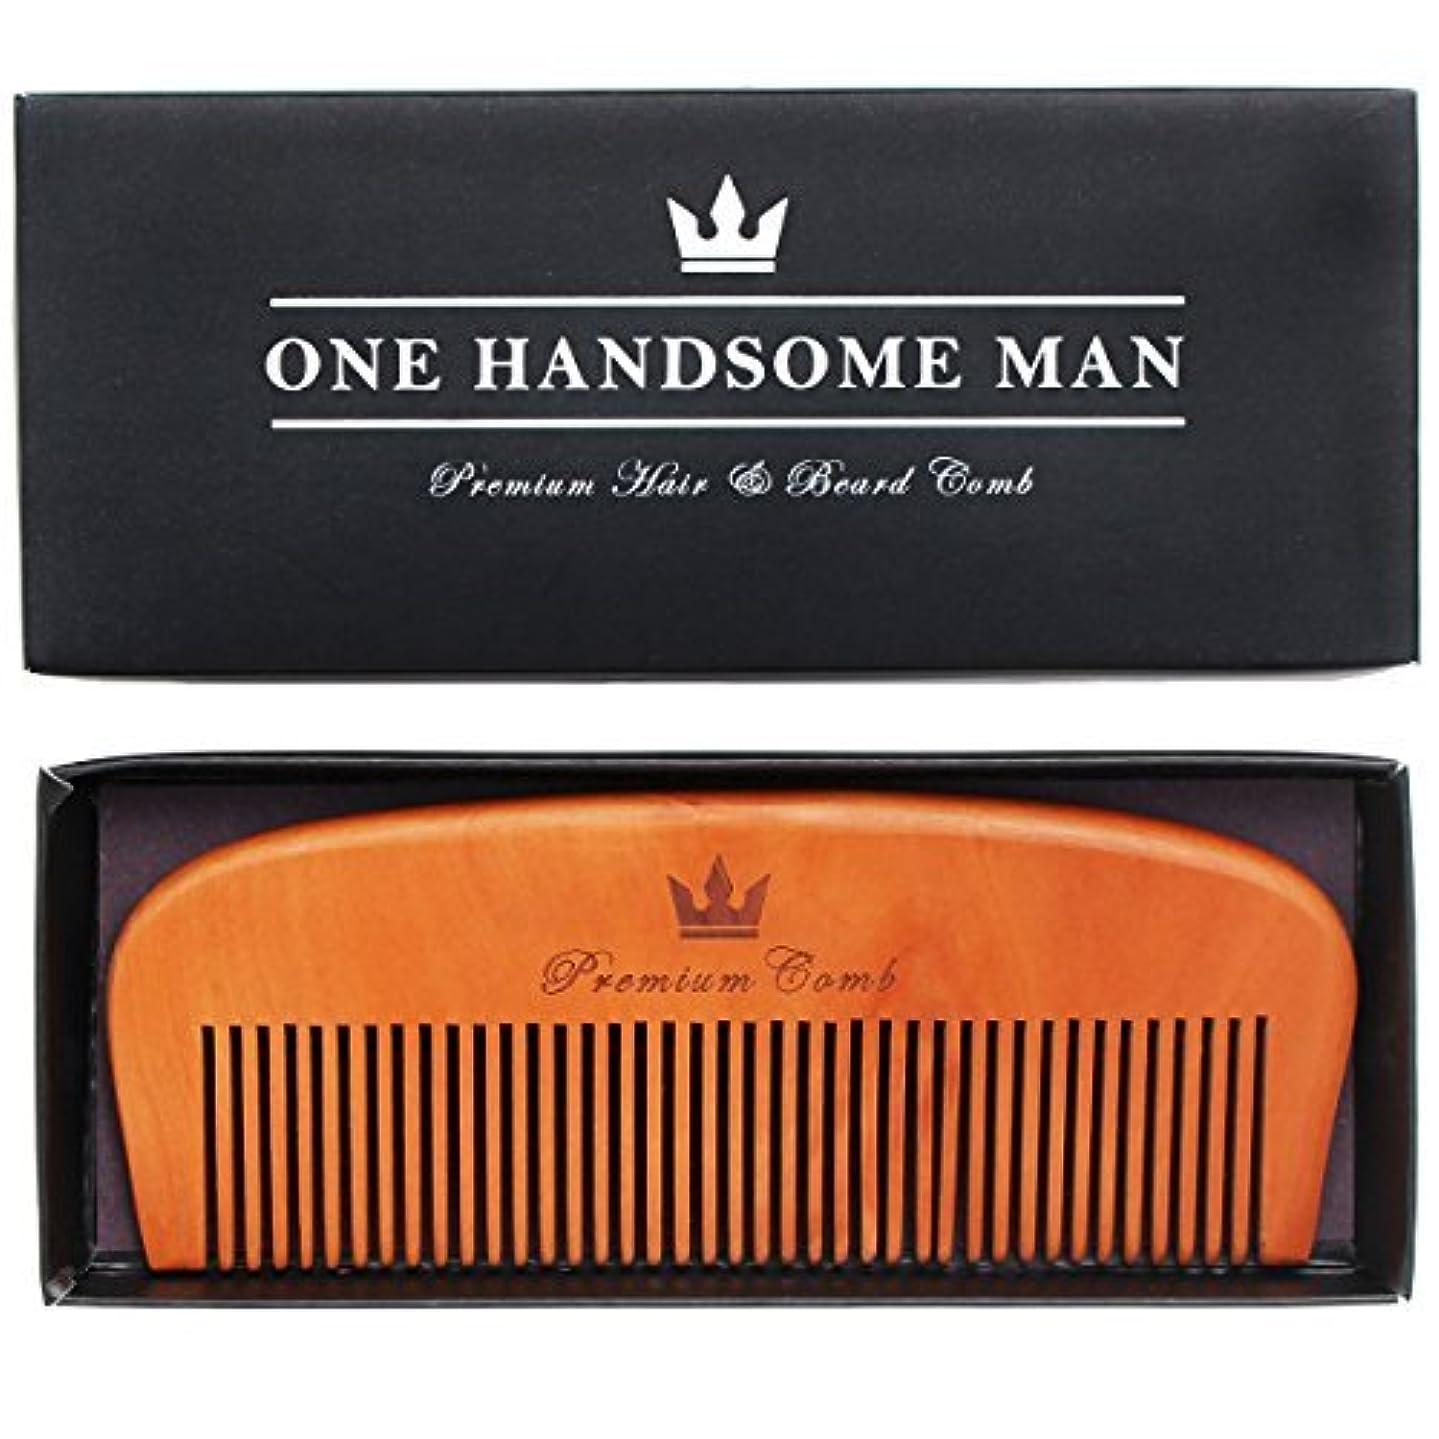 グローバック救急車Premium Hair and Beard Comb - Quality Design with Gift Box. Perfect for Beards, Mustaches, or Head Hair. [並行輸入品]